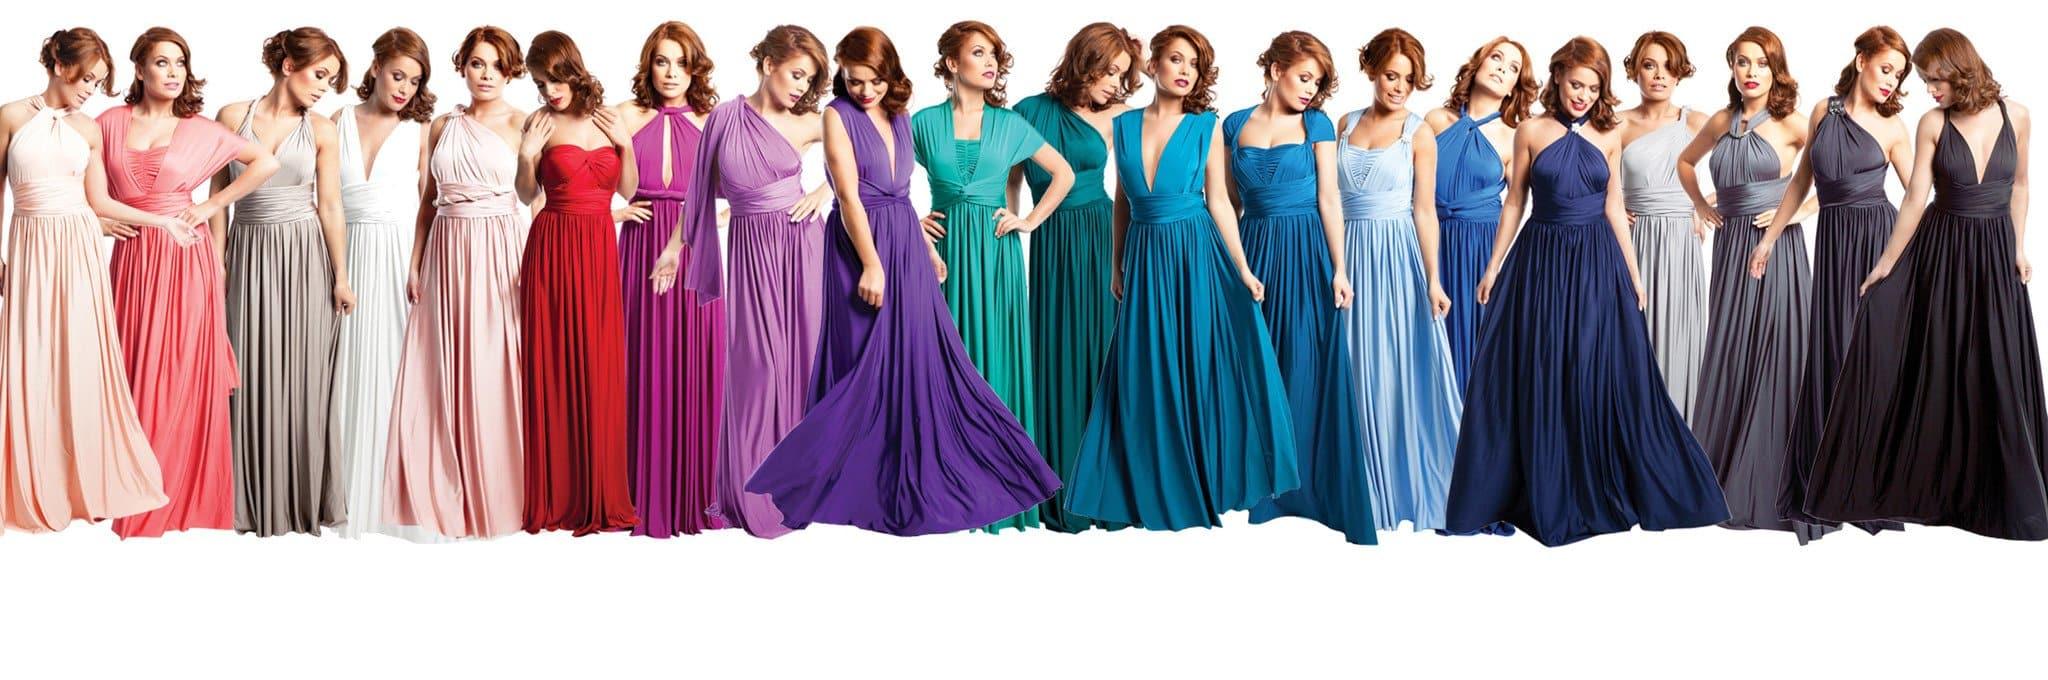 8374e01eb73 Comment bien choisir votre robe de bal